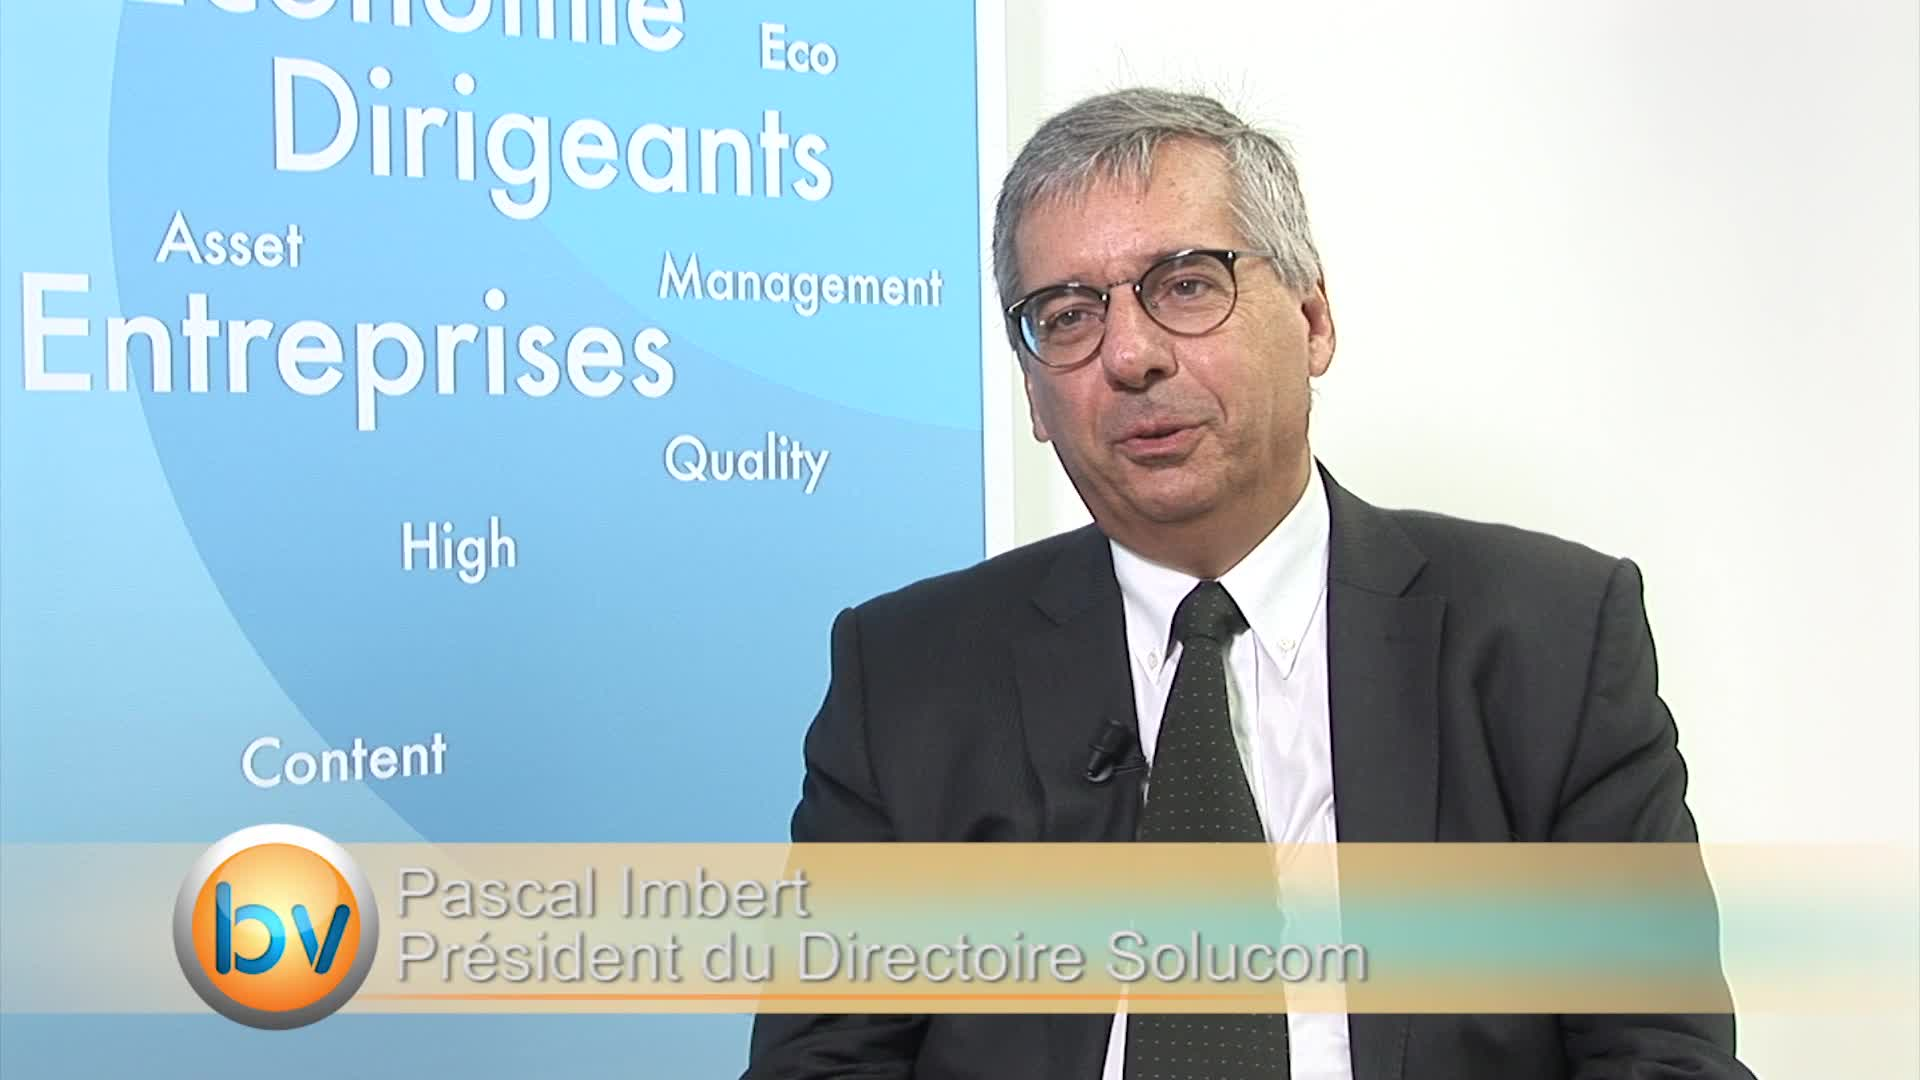 """Pascal Imbert Président du Directoire Solucom : """"Nous voulons avoir plus de 20% de notre activité à l'international"""""""